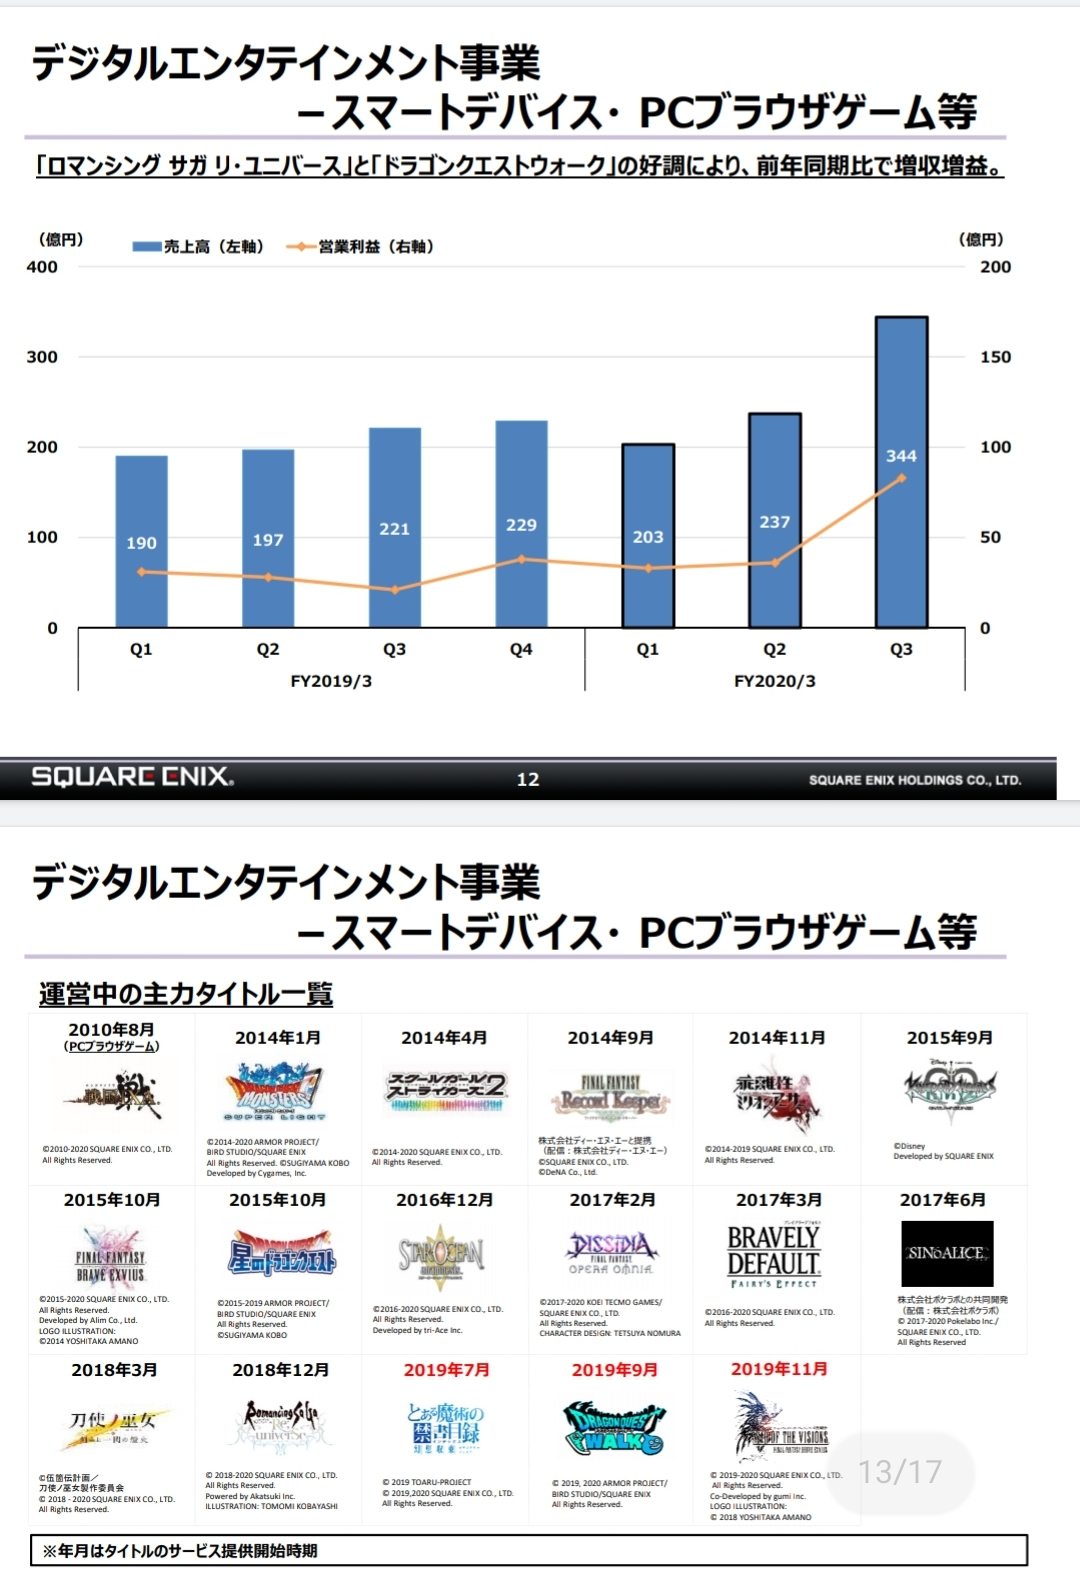 5 2 - 【朗報】スクエニ、前年から124%アップの営業利益277億円  ドラクエウォークとロマサガのソシャゲが大ヒット